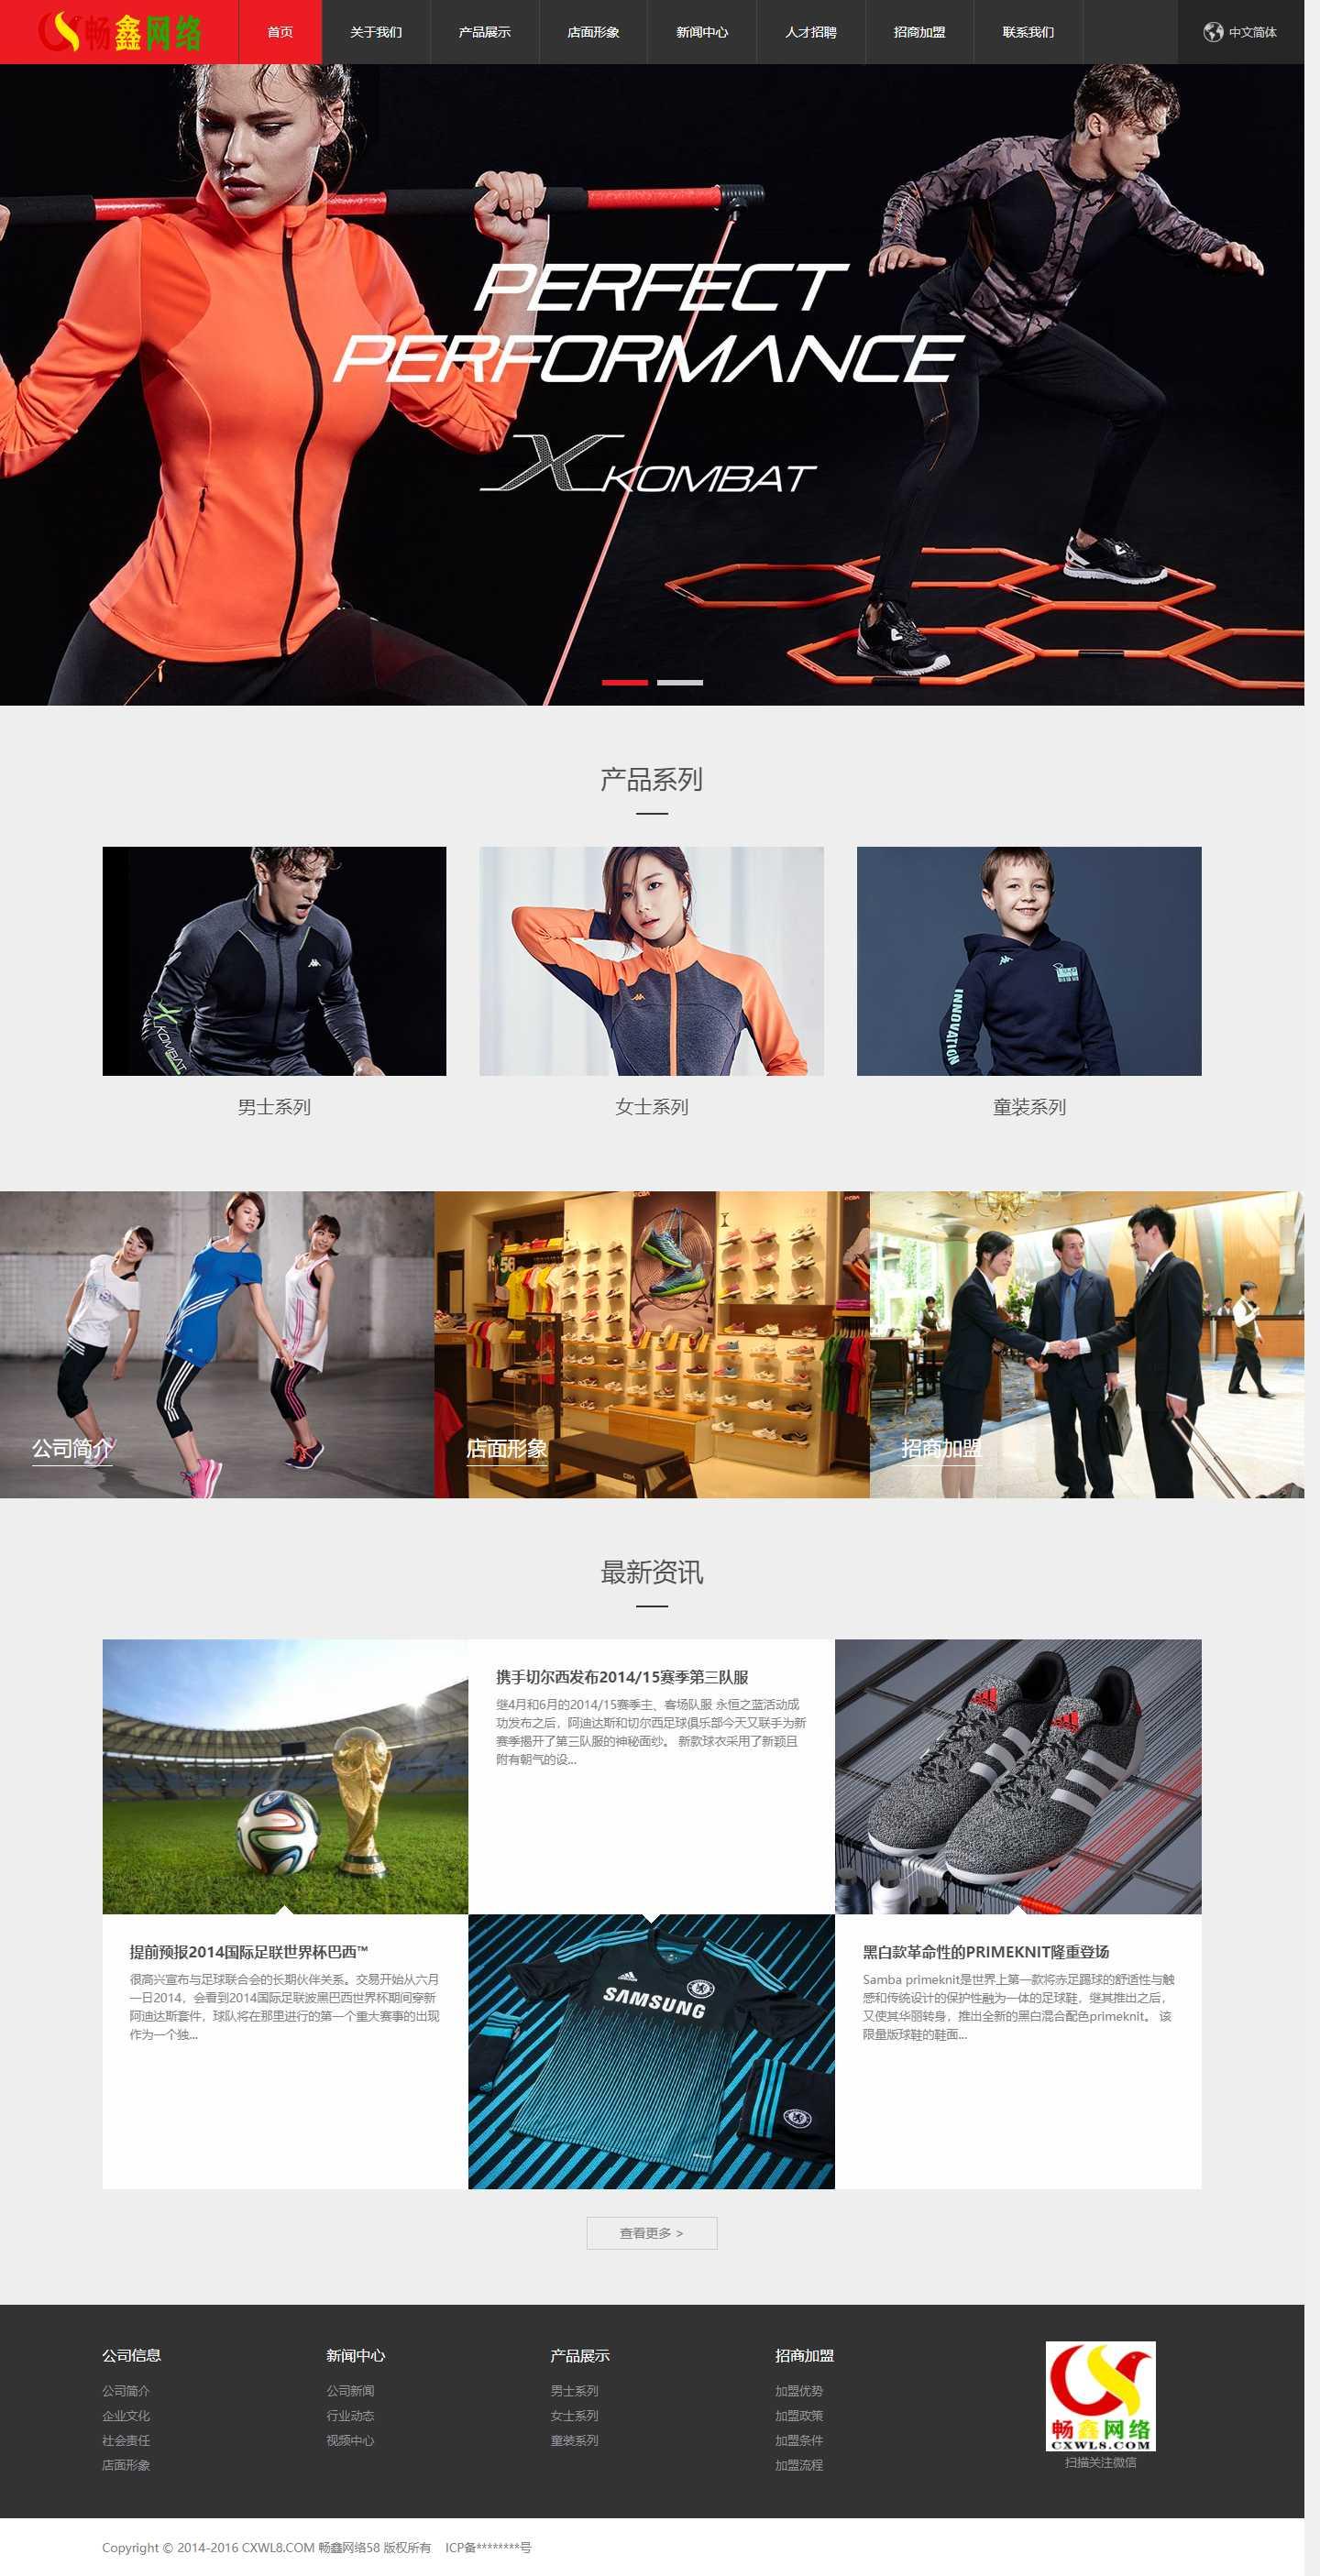 【J031】中英双语运动品牌服饰器械网站模板